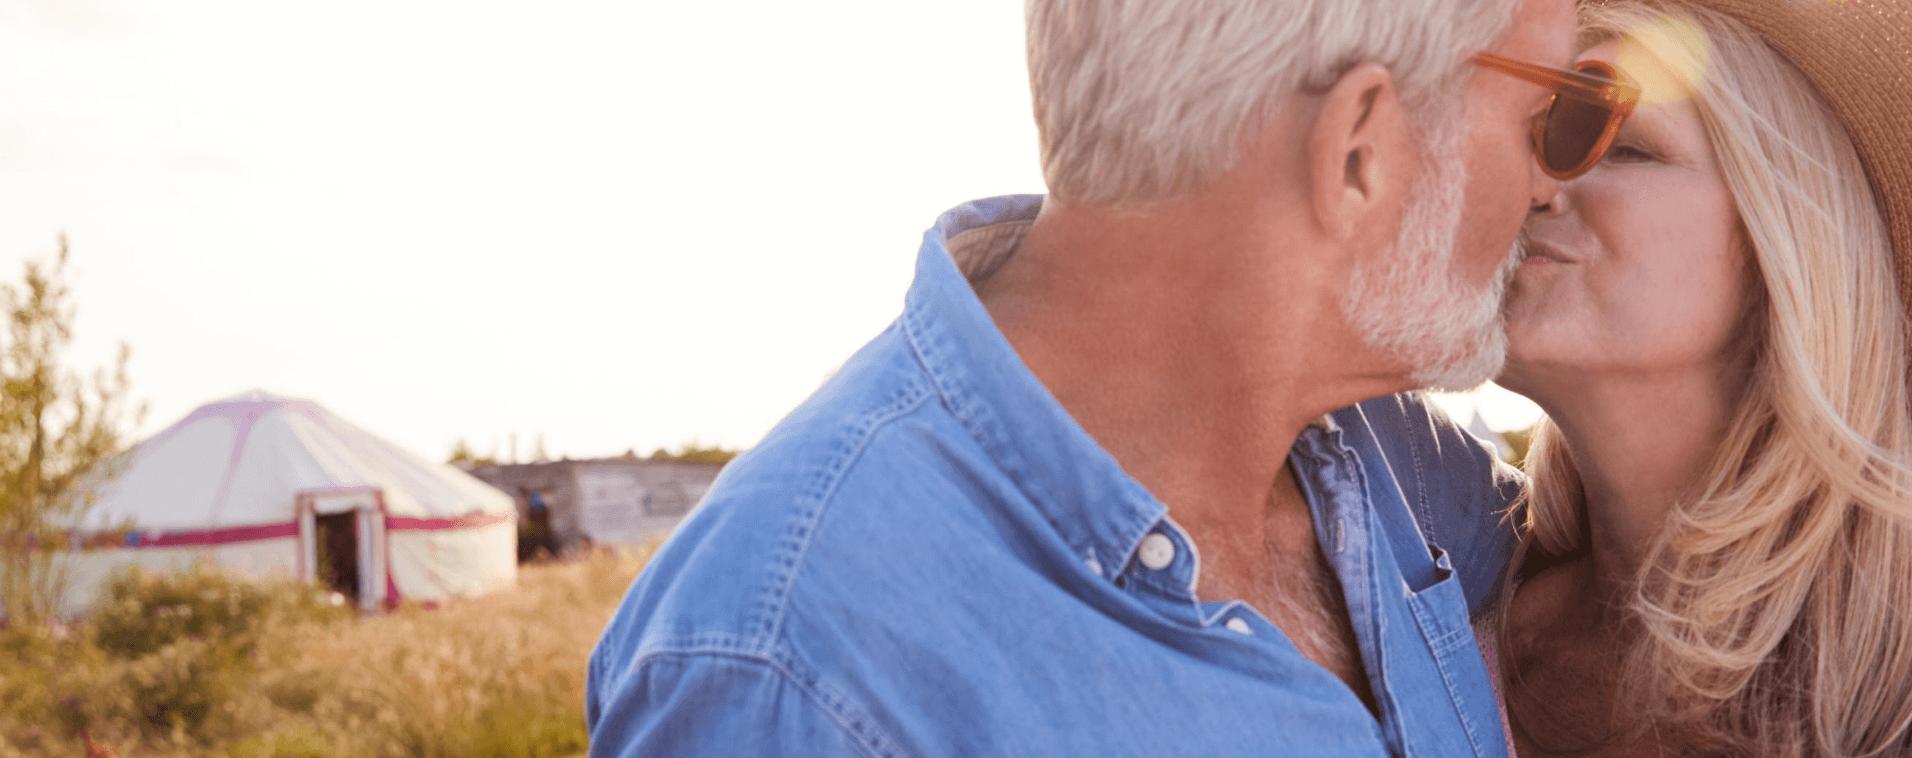 Warum Sex mit dem Alter bei Frauen abnimmt!